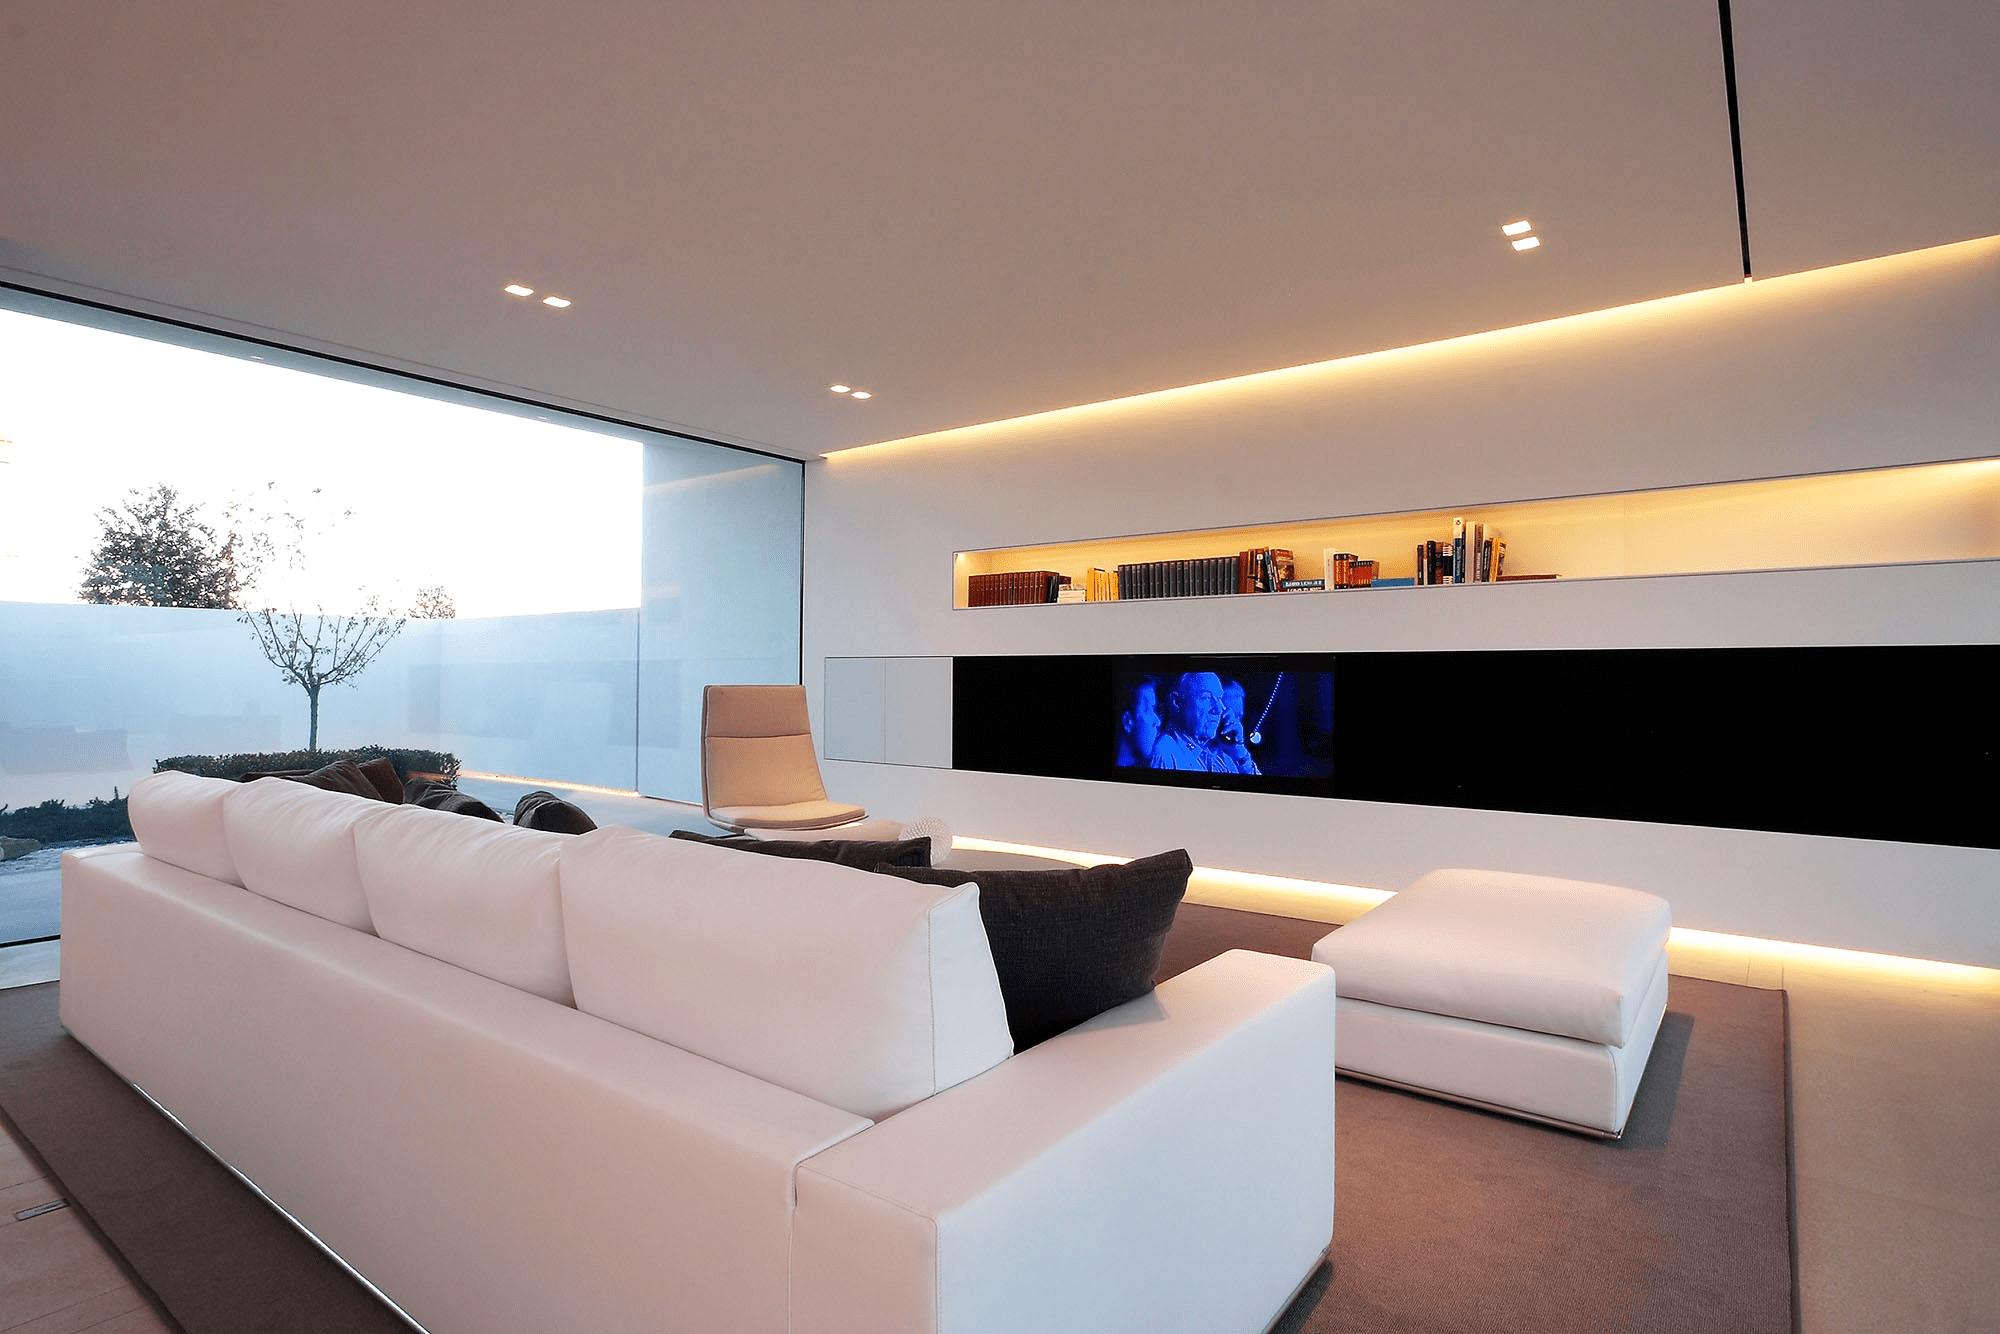 Современная спальня в стиле хай-тек, идеи дизайна 2019